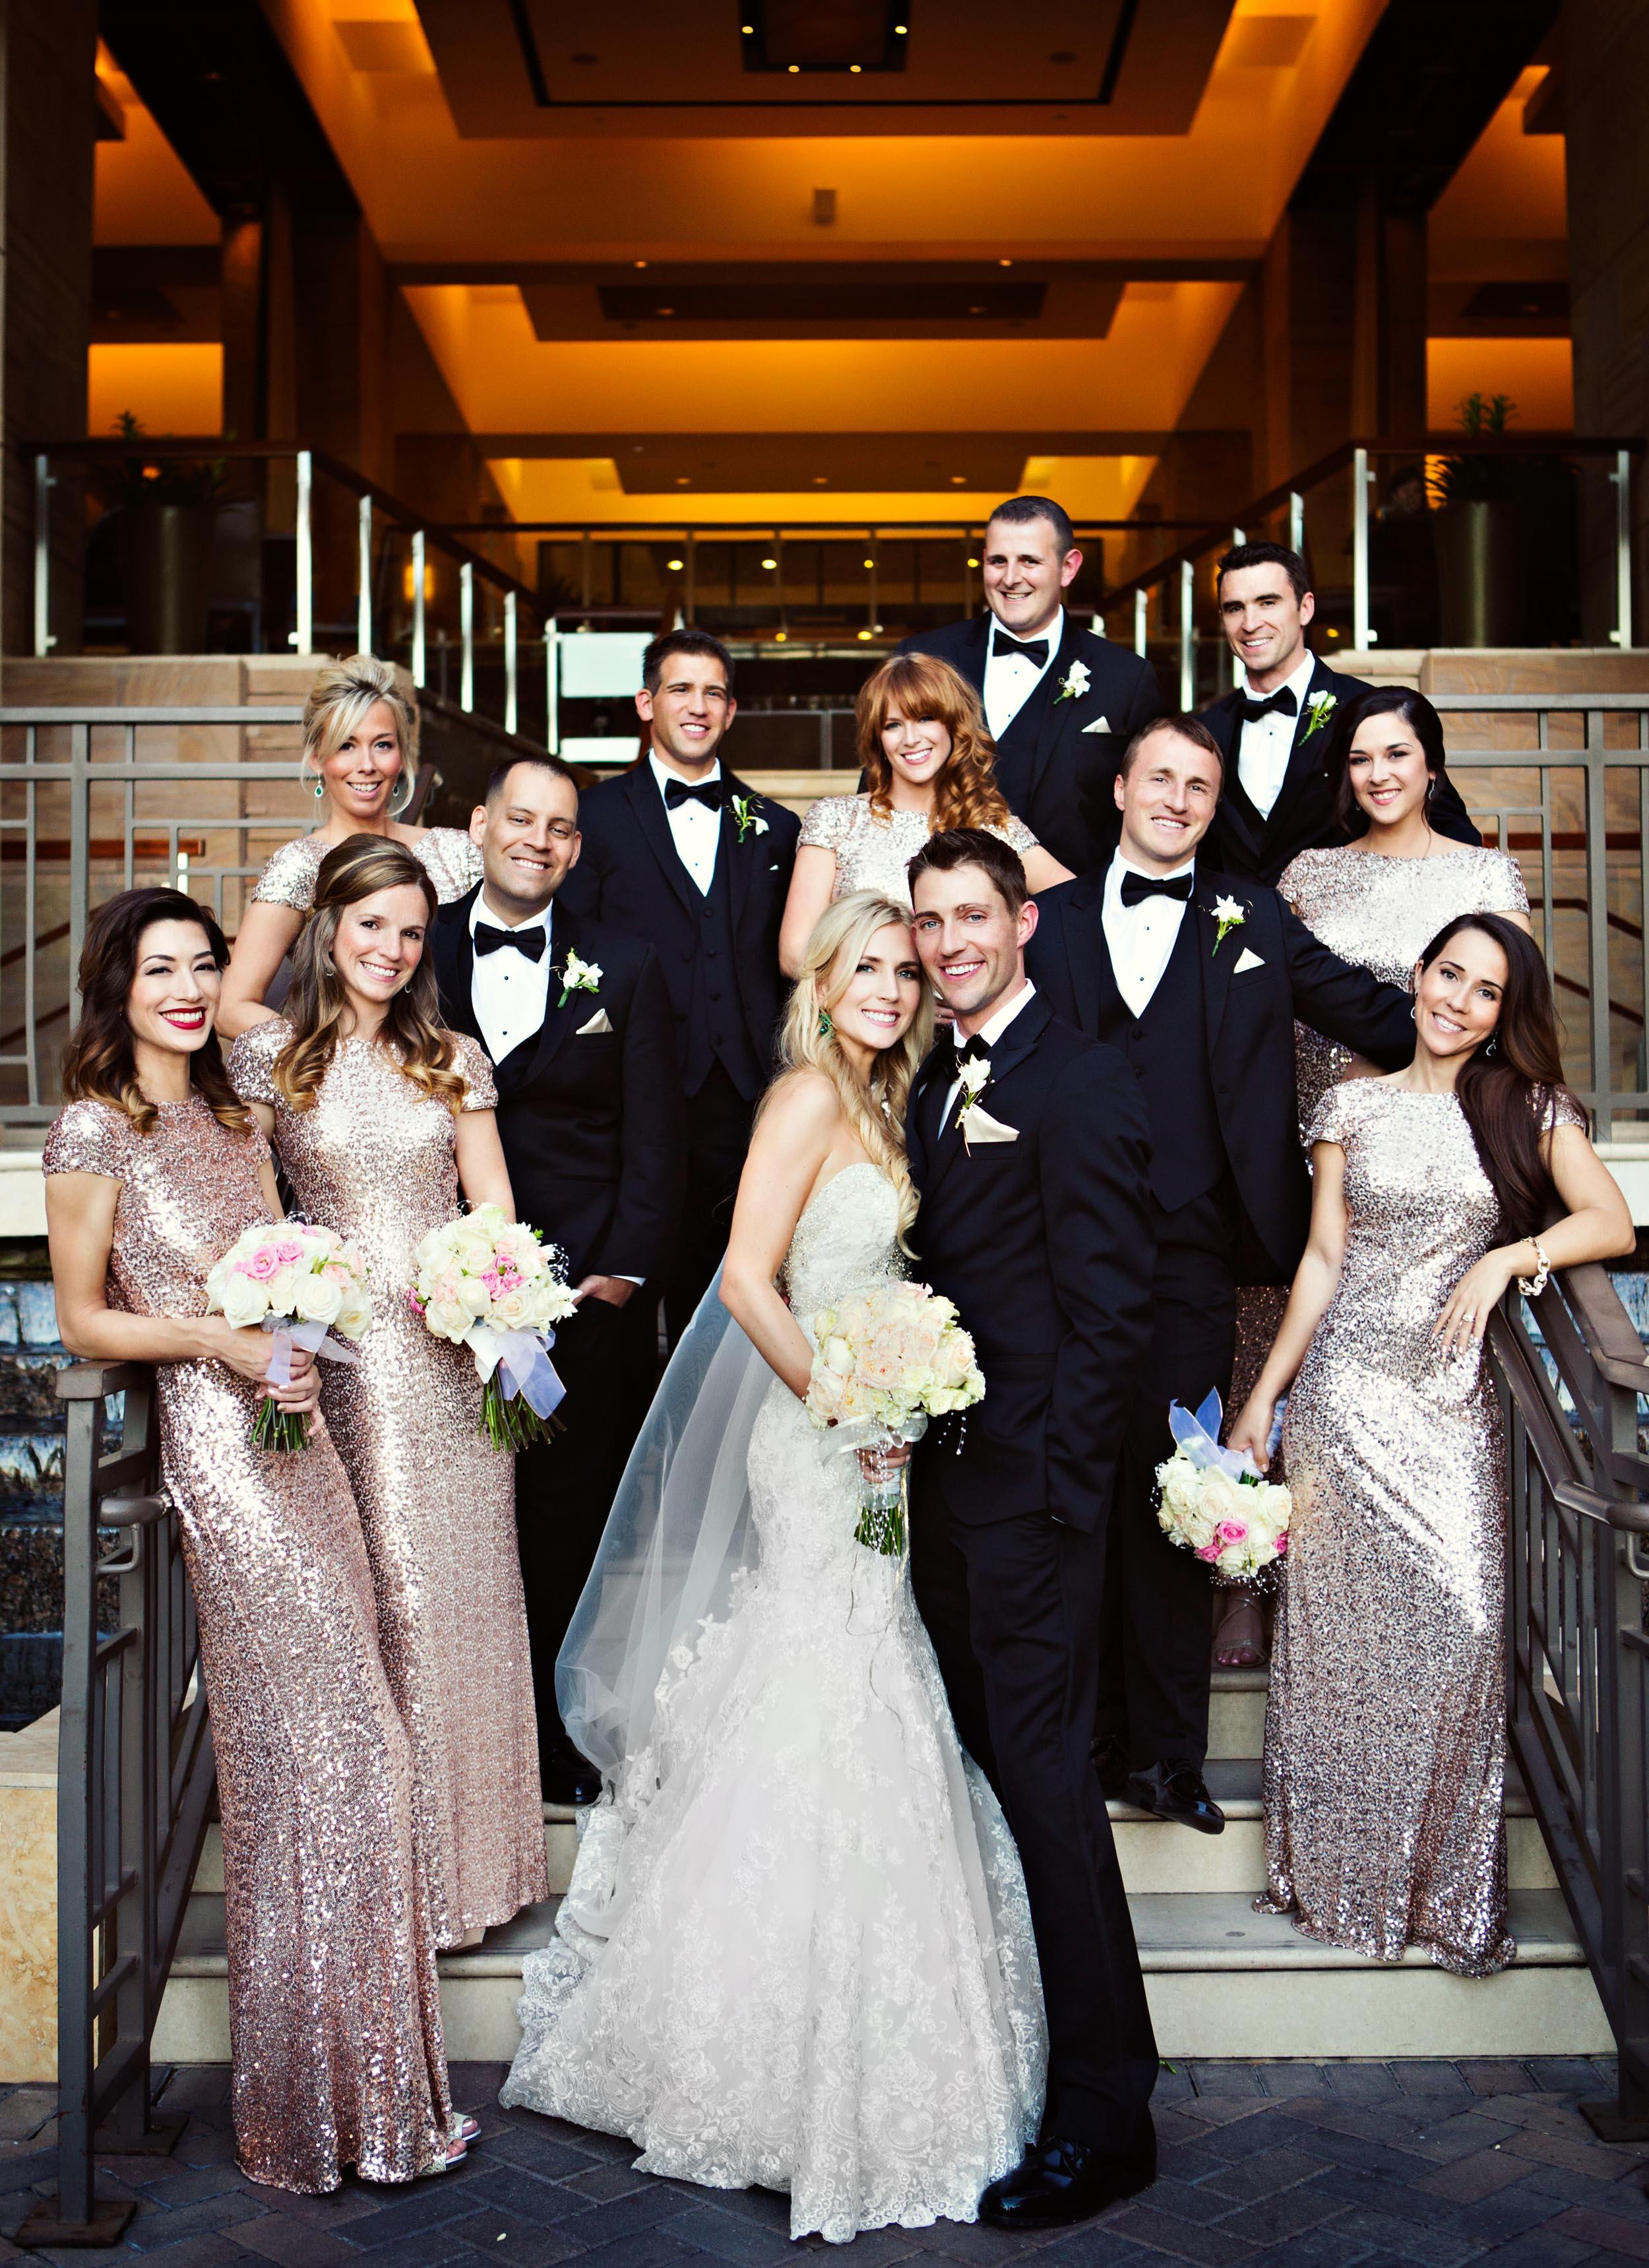 weddings-scottsdale-28.jpg